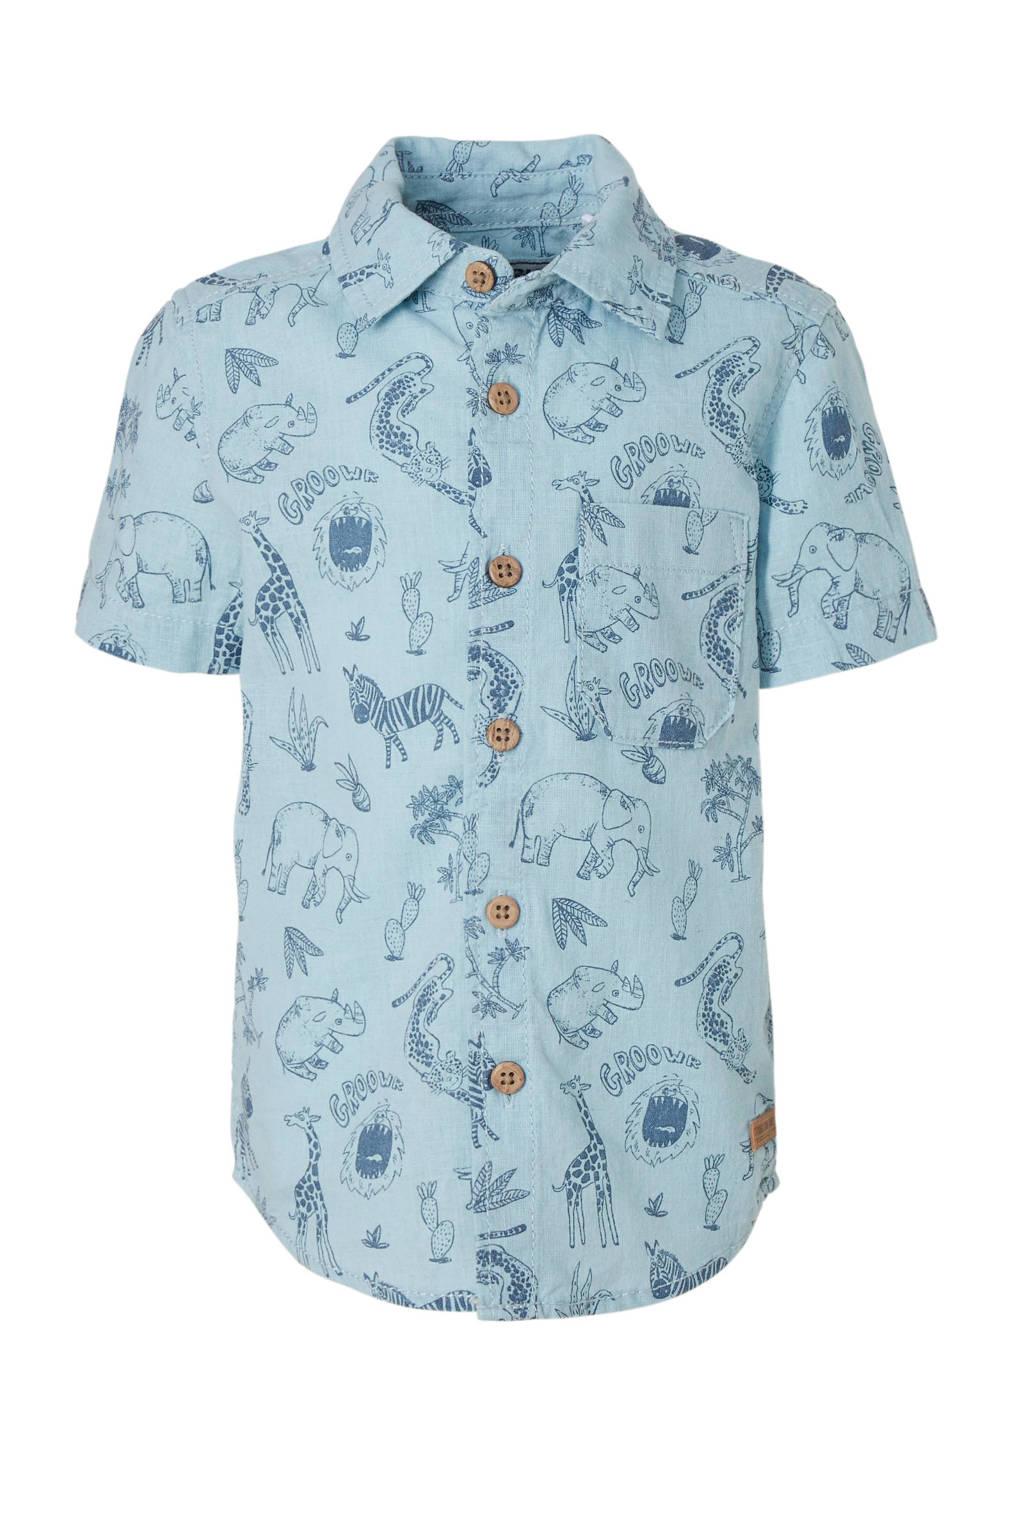 C&A Palomino overhemd met linnen en all over print, Blauw